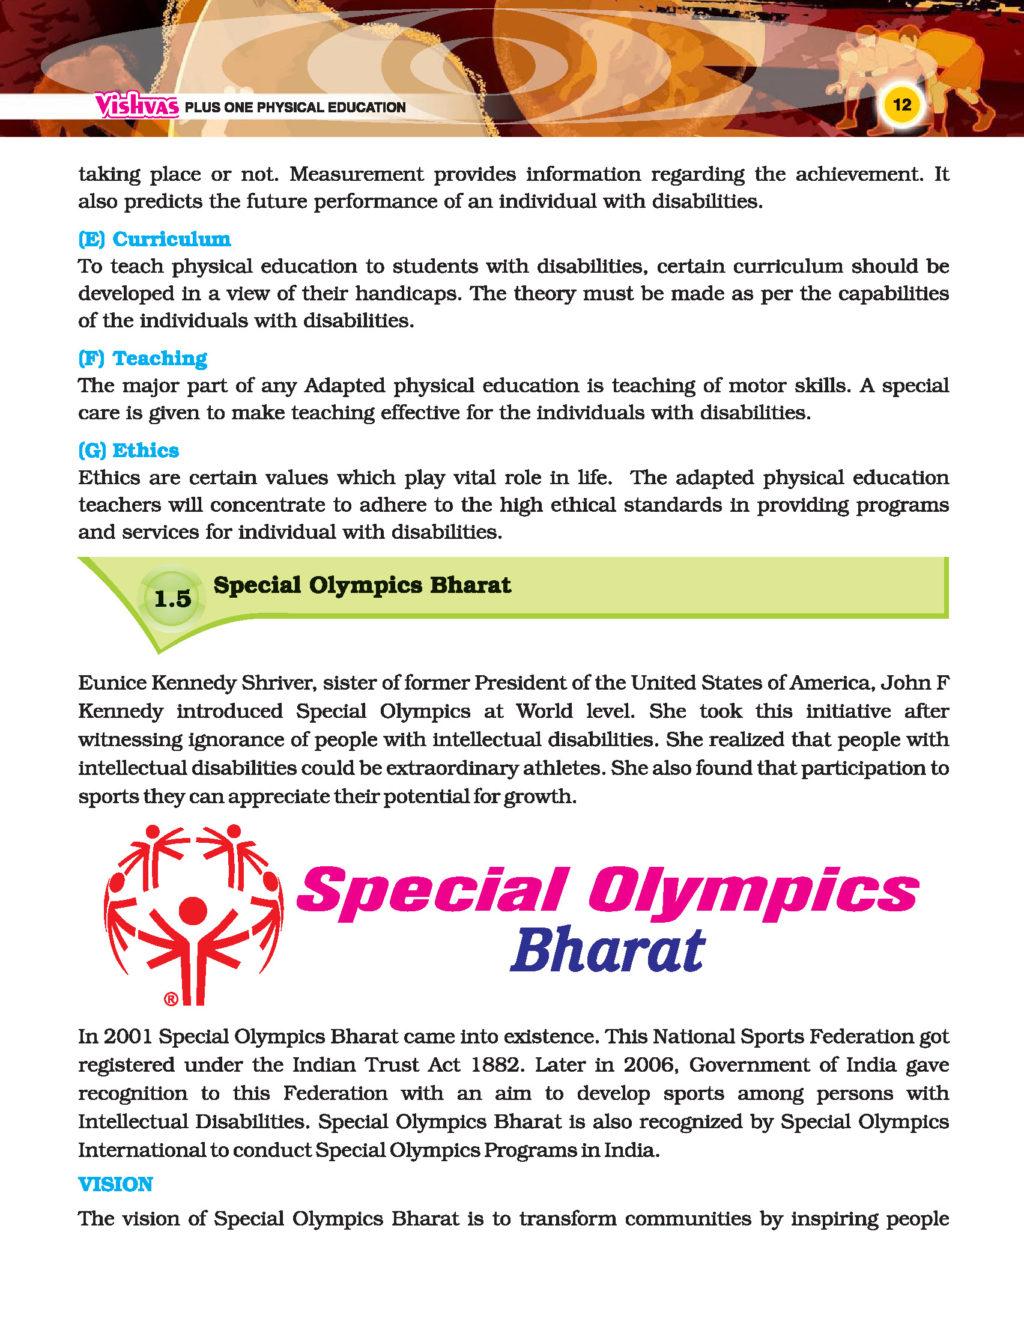 https://vishvasbook.com/wp-content/uploads/2016/09/Physical-Education_ebook_11_Page_22-1024x1321.jpg